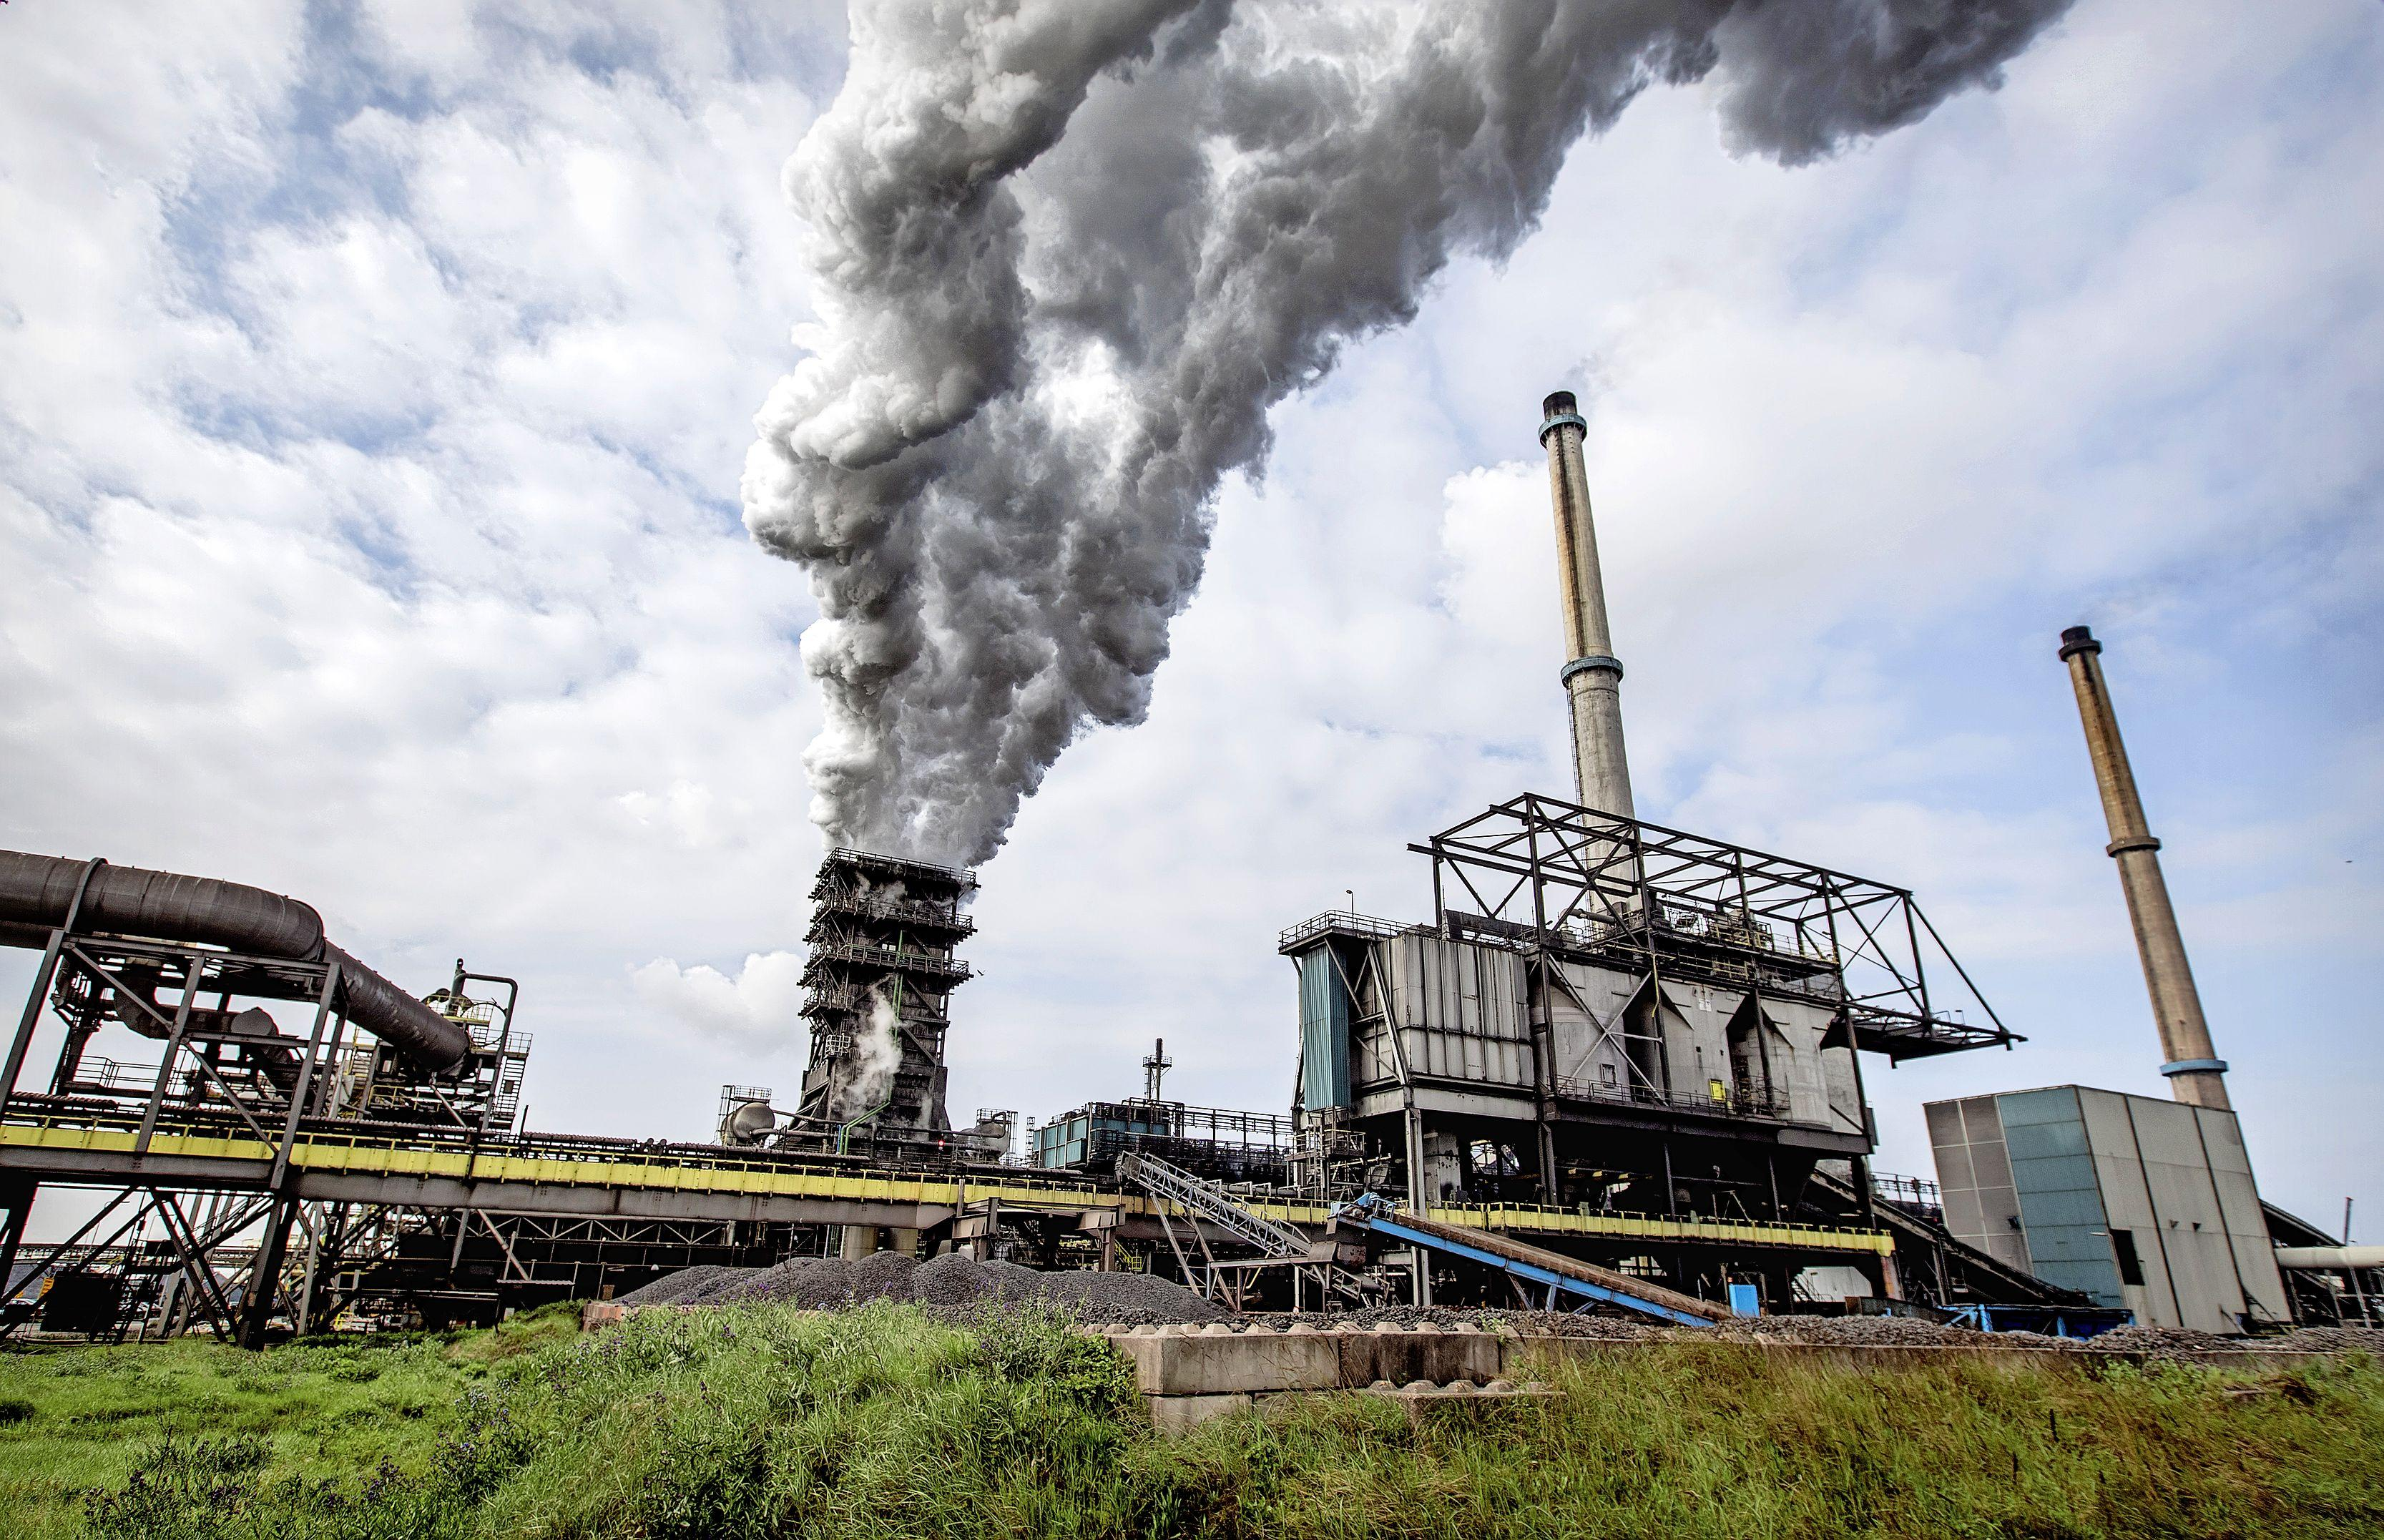 Onderzoeksraad onderzoekt risico's industriële uitstoot bij Tata Steel